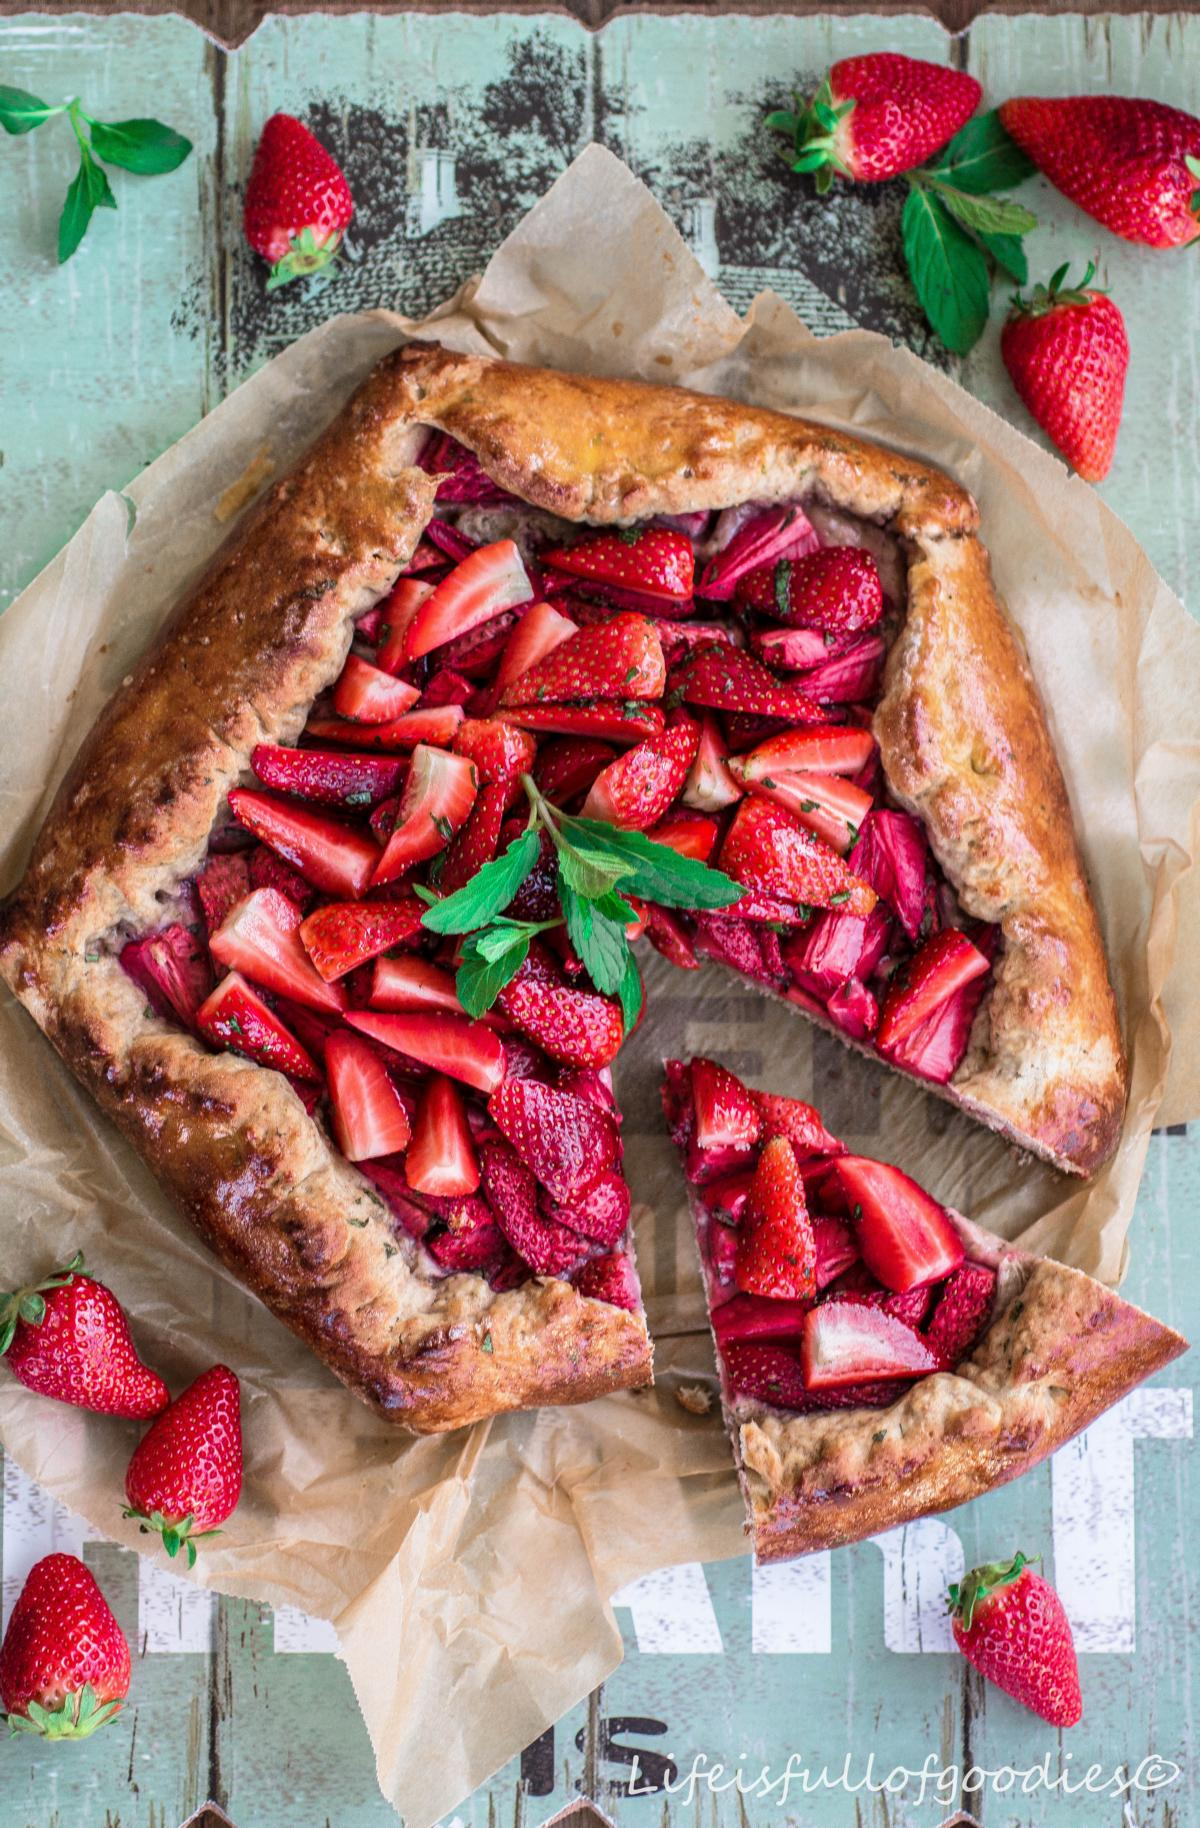 Erdbeer Galette aus Dinkel-Vollkorn-Teig - Life Is Full Of Goodies